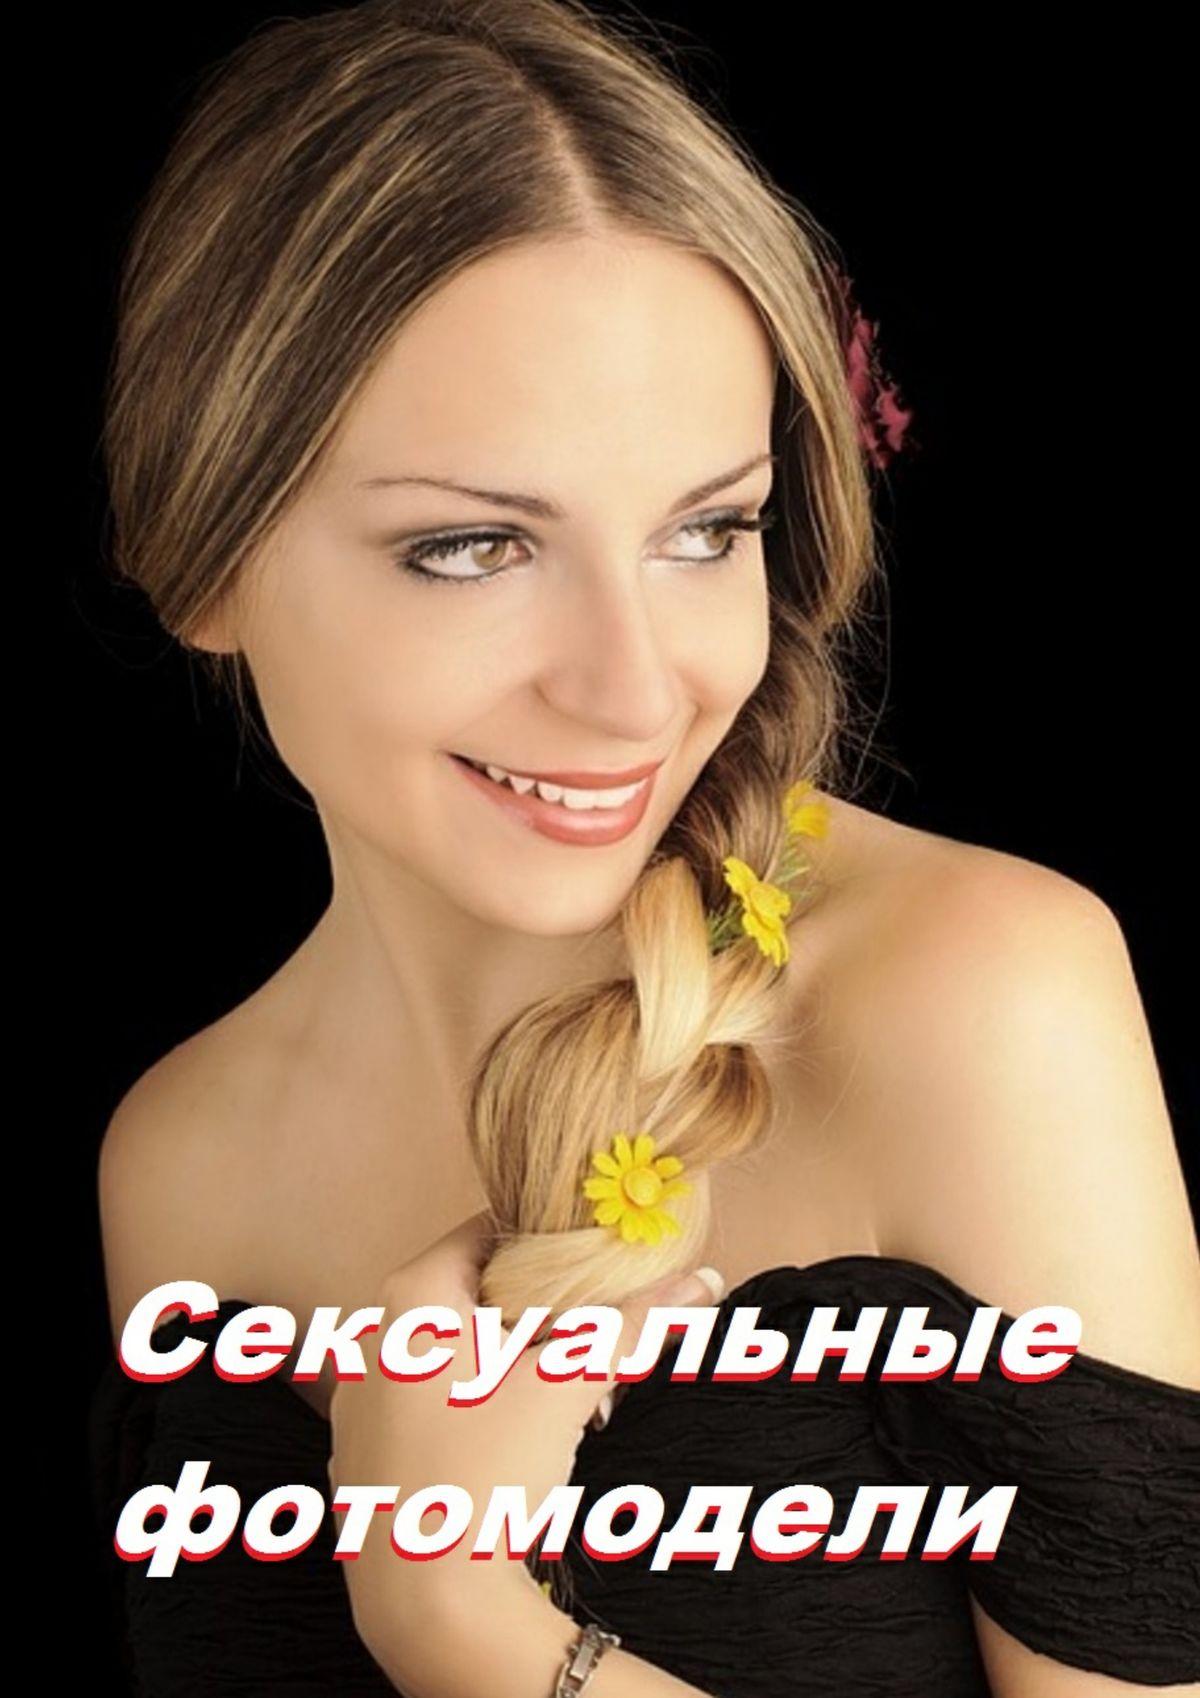 Стефания Лукас Сексуальные фотомодели стефания лукас красота женского тела